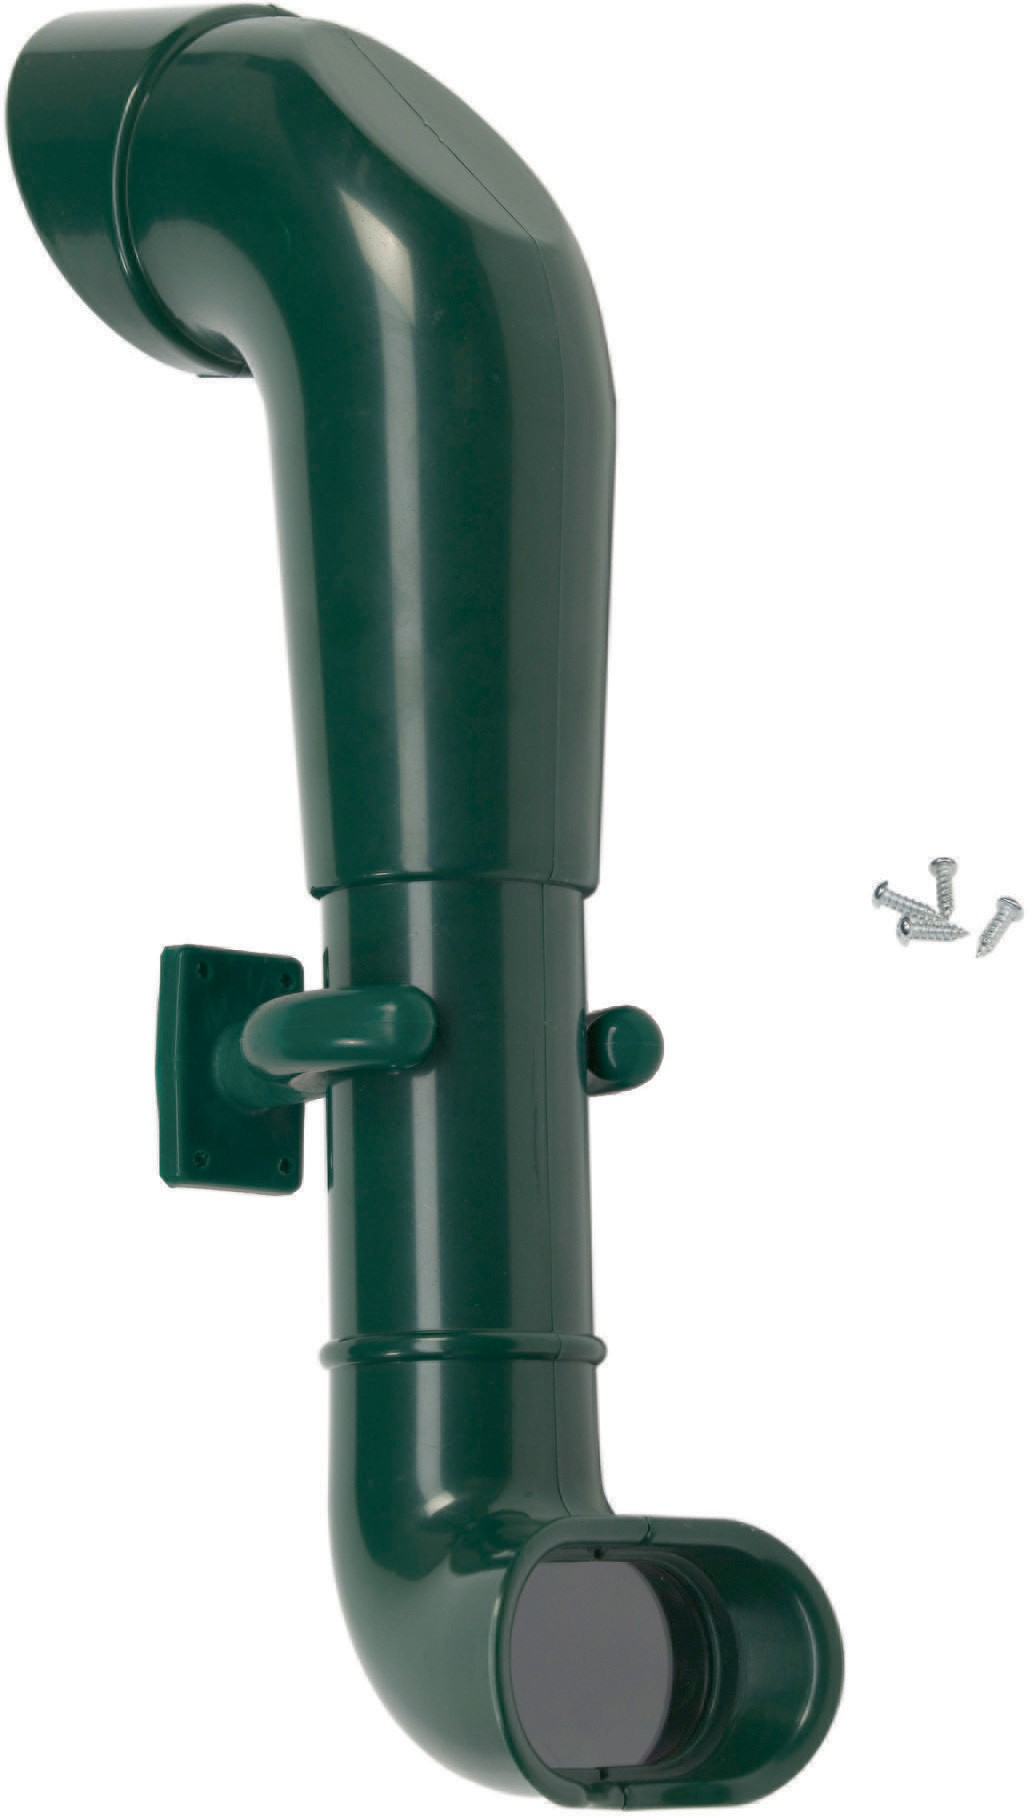 Periskop grün 420mm Bild 1